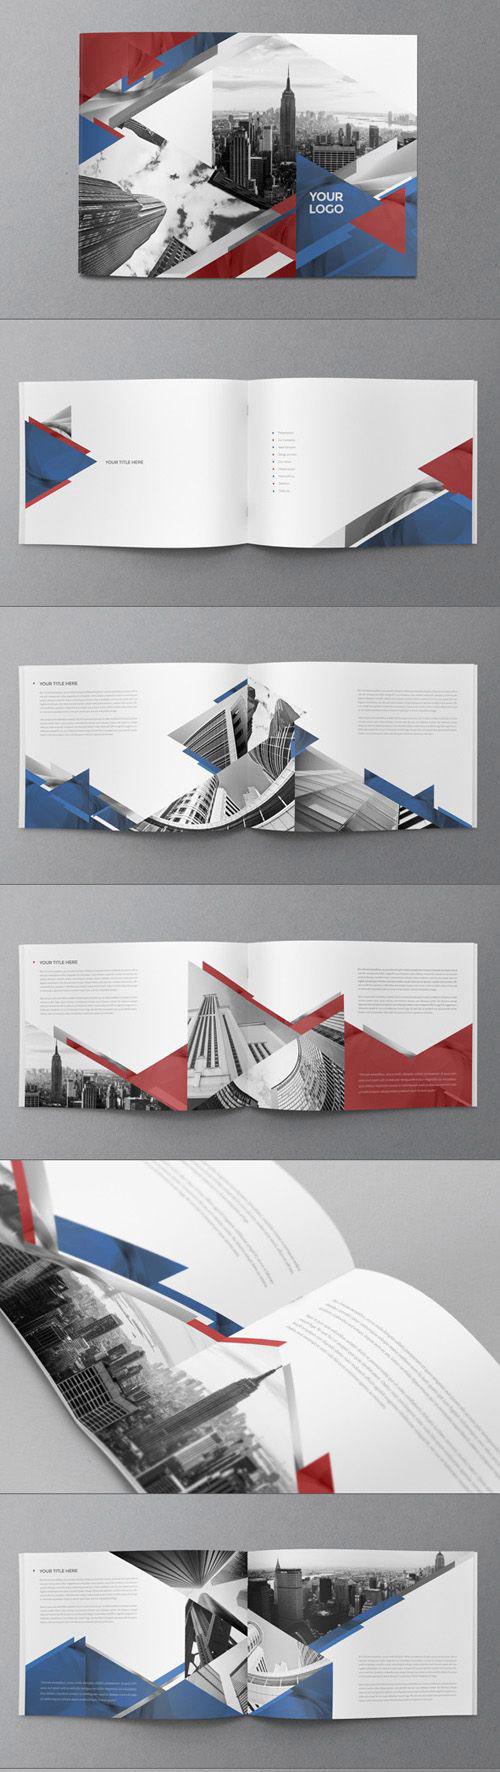 طراحی کاتالوگ ساختمان